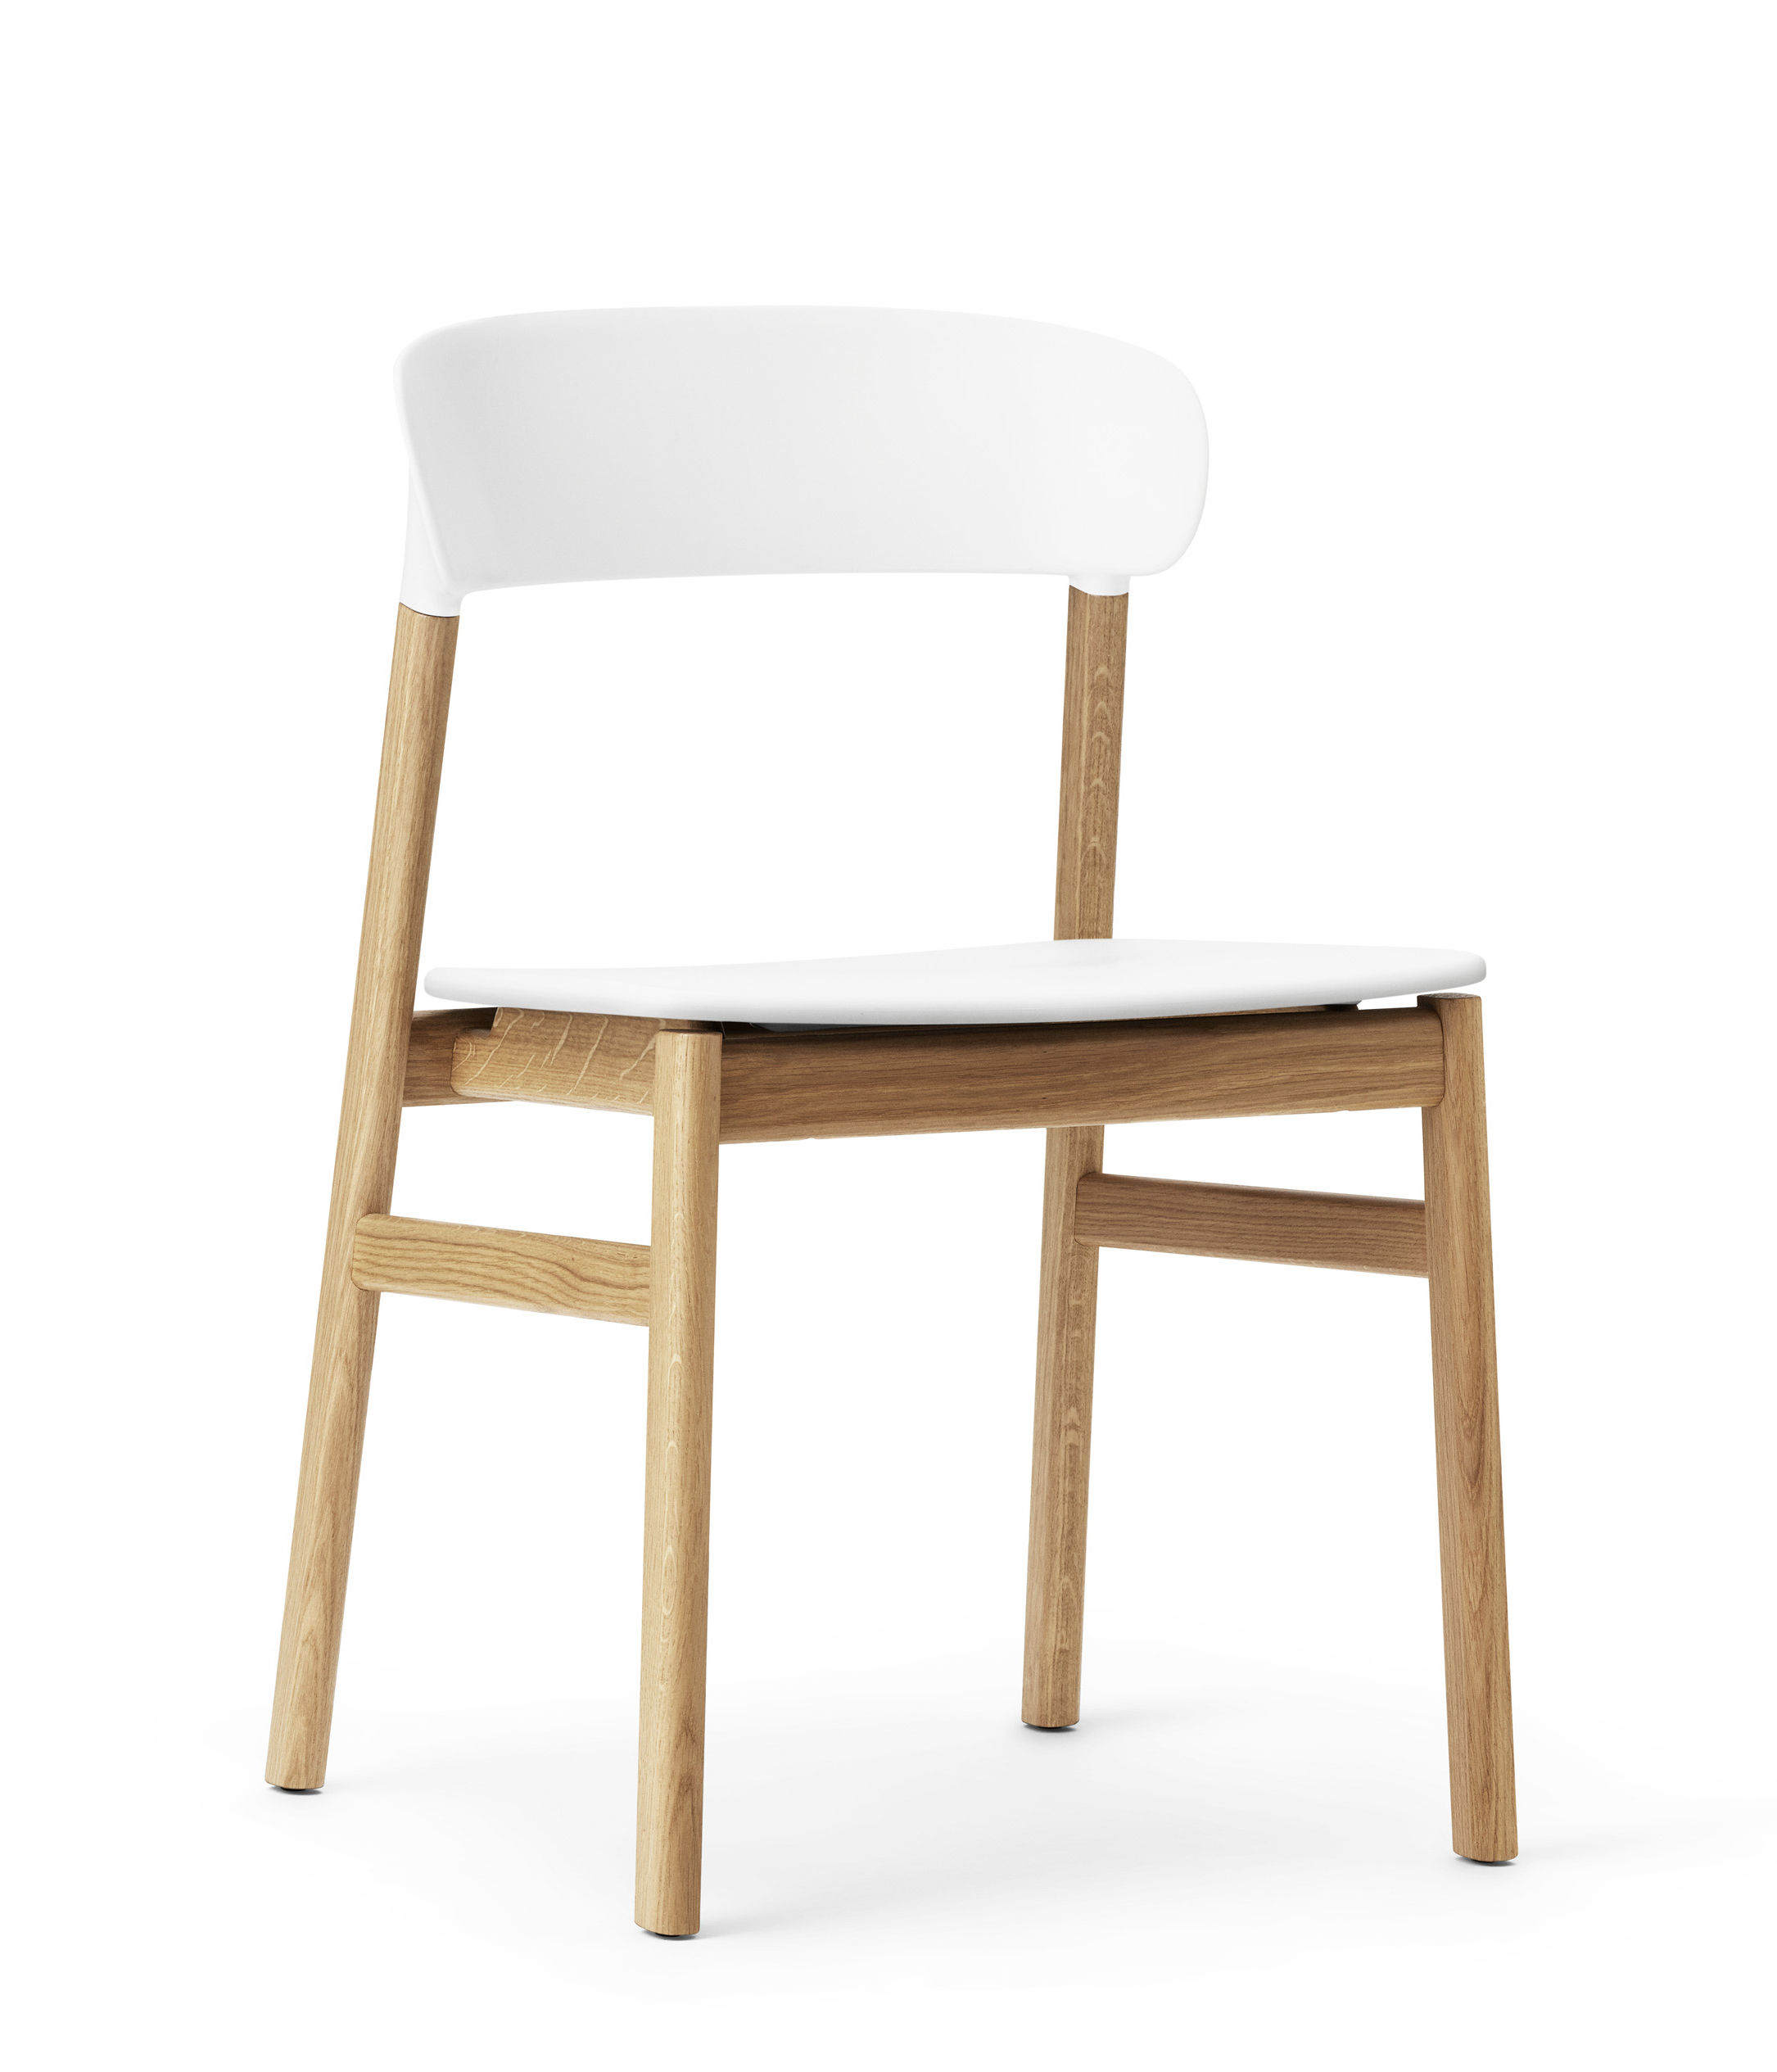 Mobilier - Chaises, fauteuils de salle à manger - Chaise Herit / Pied chêne - Normann Copenhagen - Blanc / Chêne - Chêne, Polypropylène